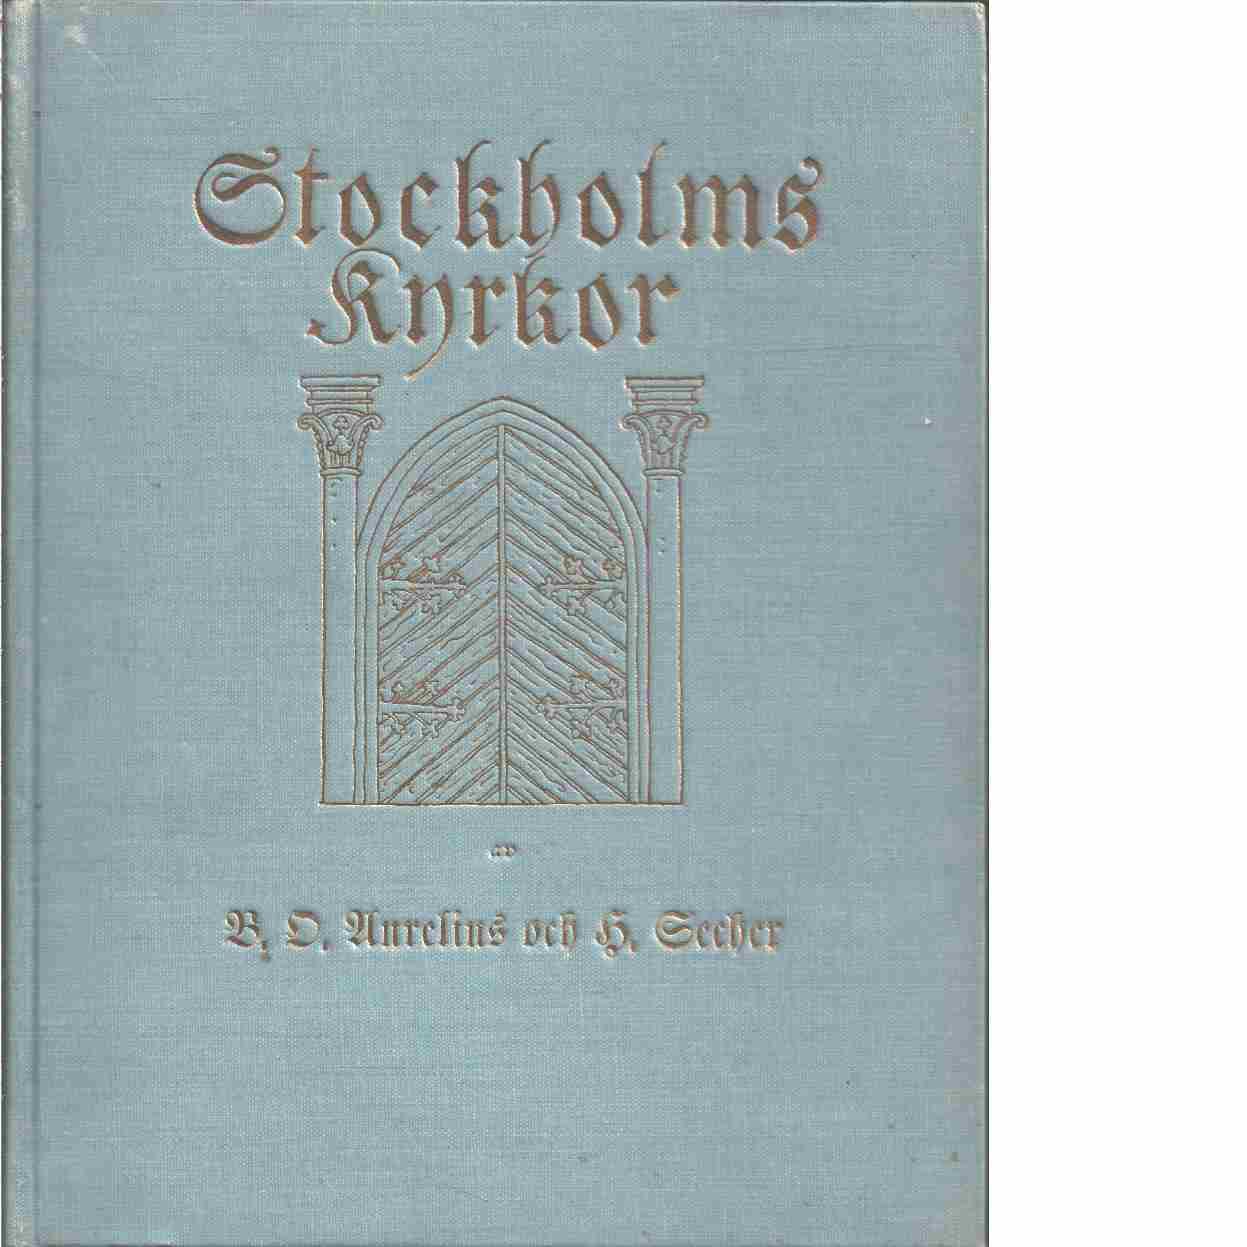 Stockholms kyrkor i ord och bild - Aurelius, Bengt och Secher, H.